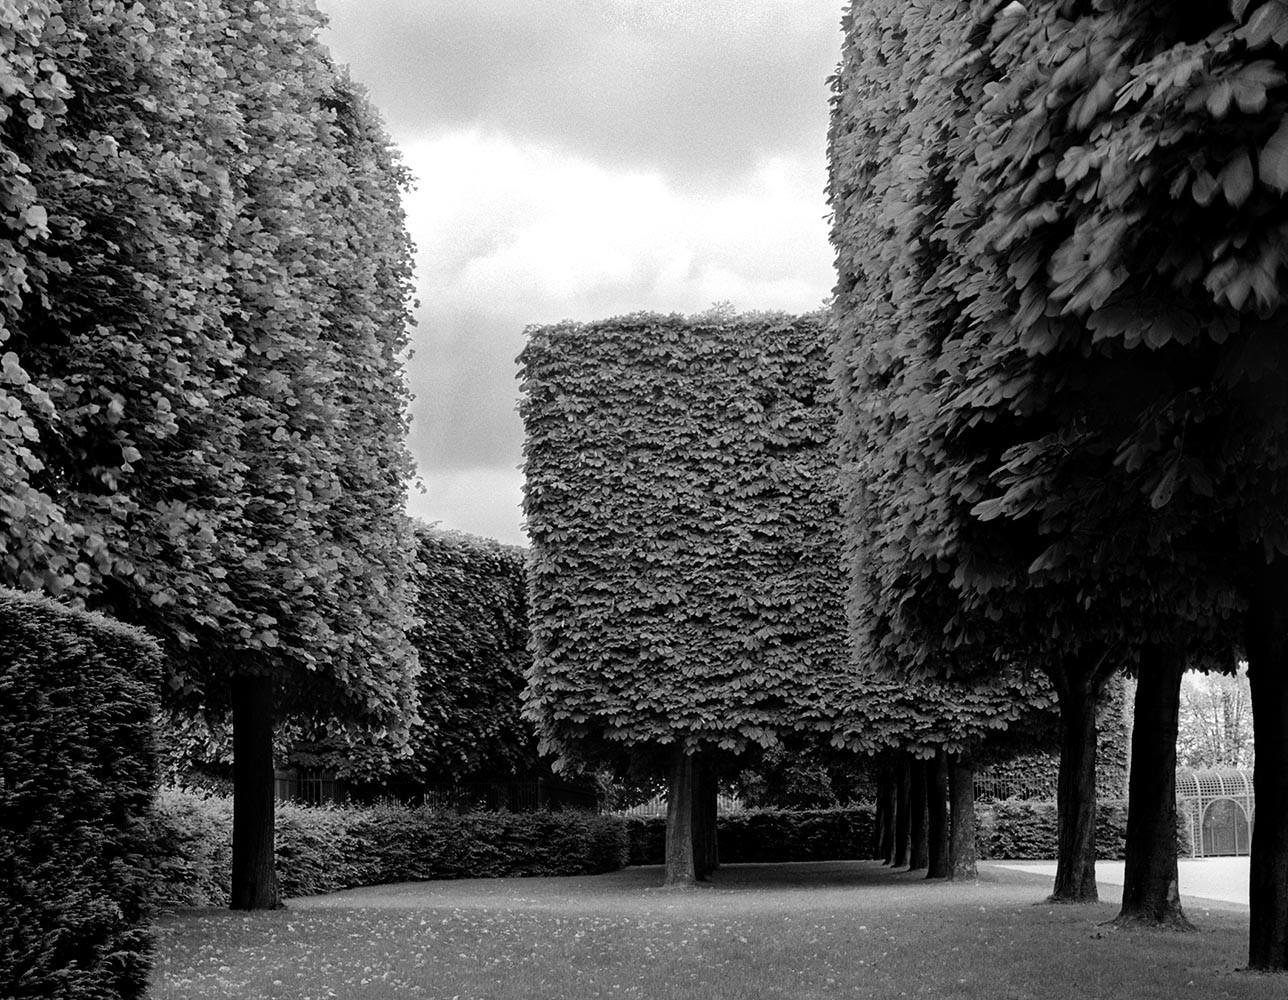 """<span class=""""caption-title"""">Landscape No. 1</span>, Parc de Sceaux, France, 1995<span class=""""caption-copyright"""">© Rodney Smith</span>"""